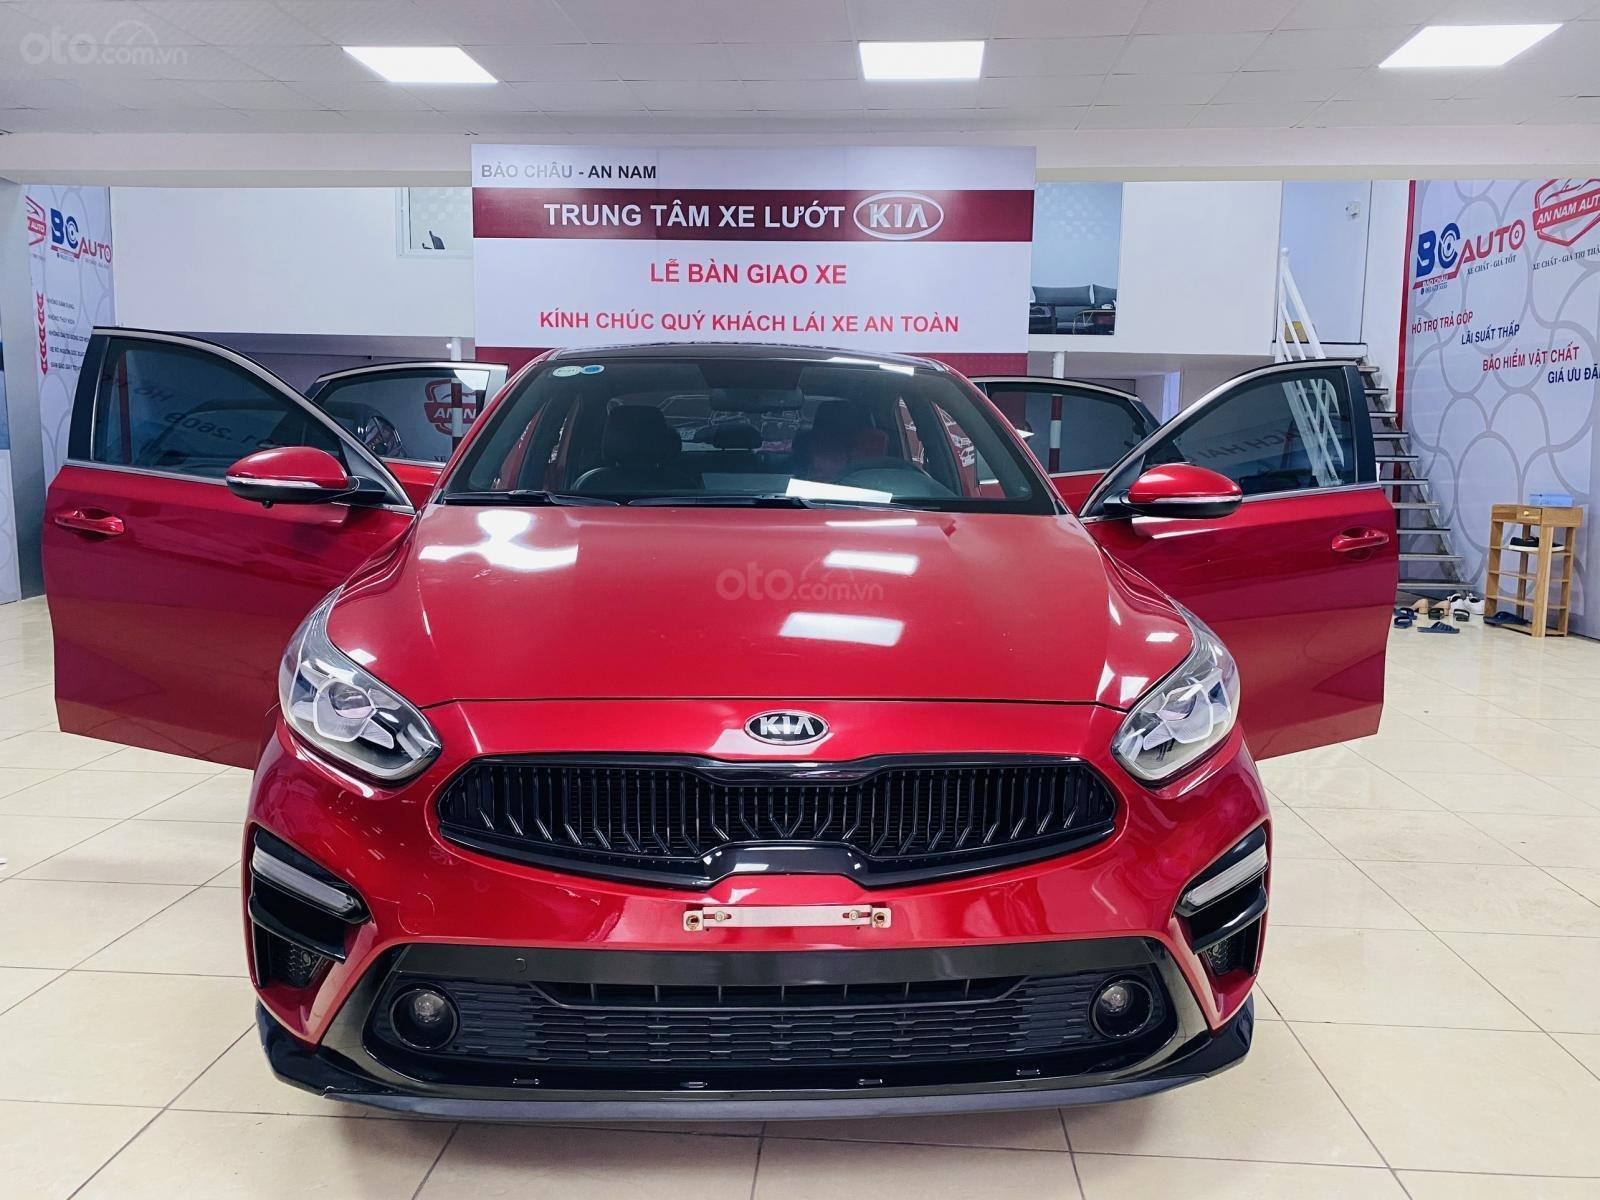 Bán Kia Cerato sản xuất năm 2018, màu đỏ số tự động (1)